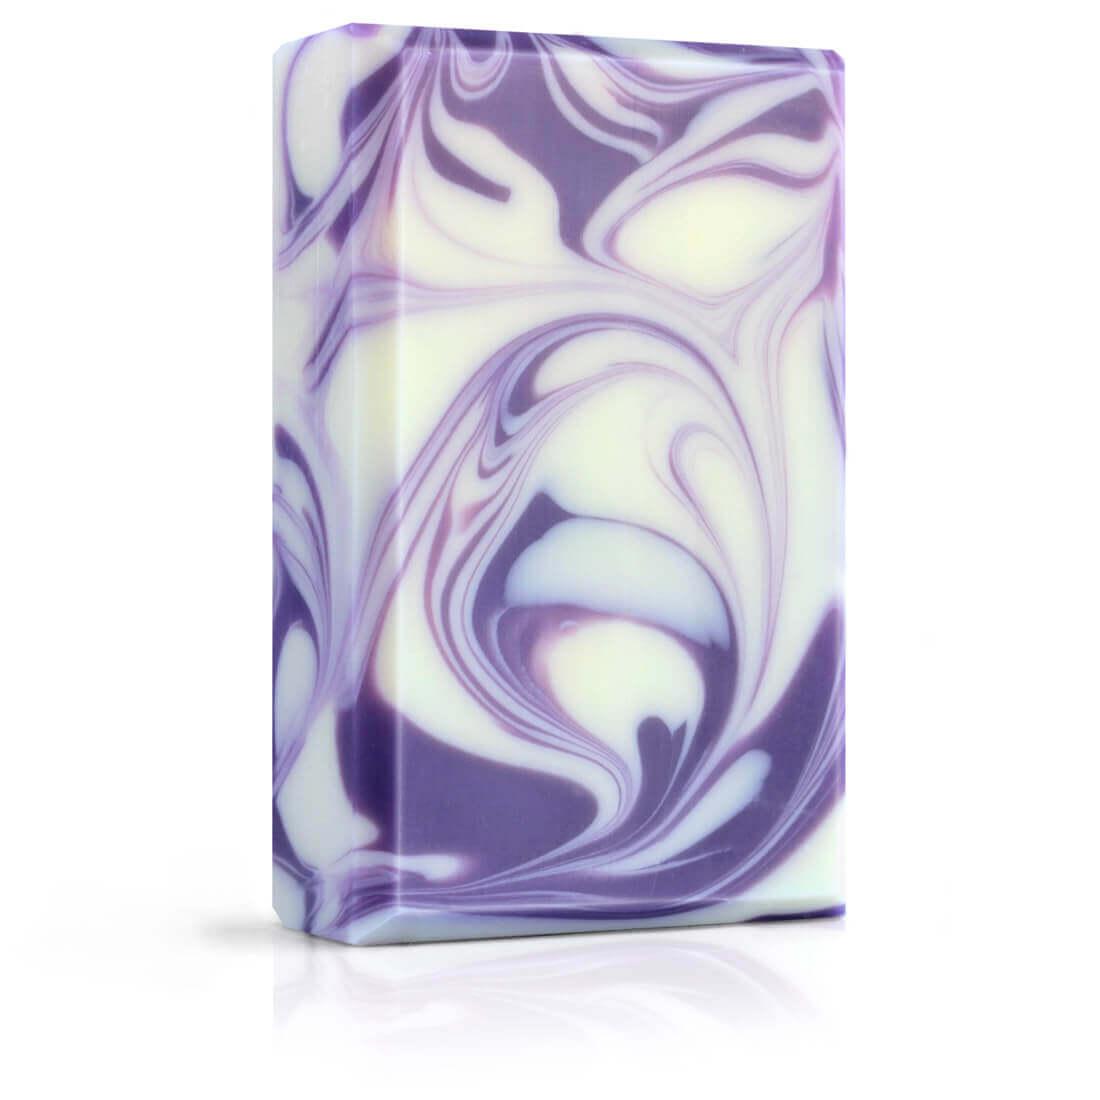 Přírodní designové mýdlo Violet s levandulí Přímo od Včelařky